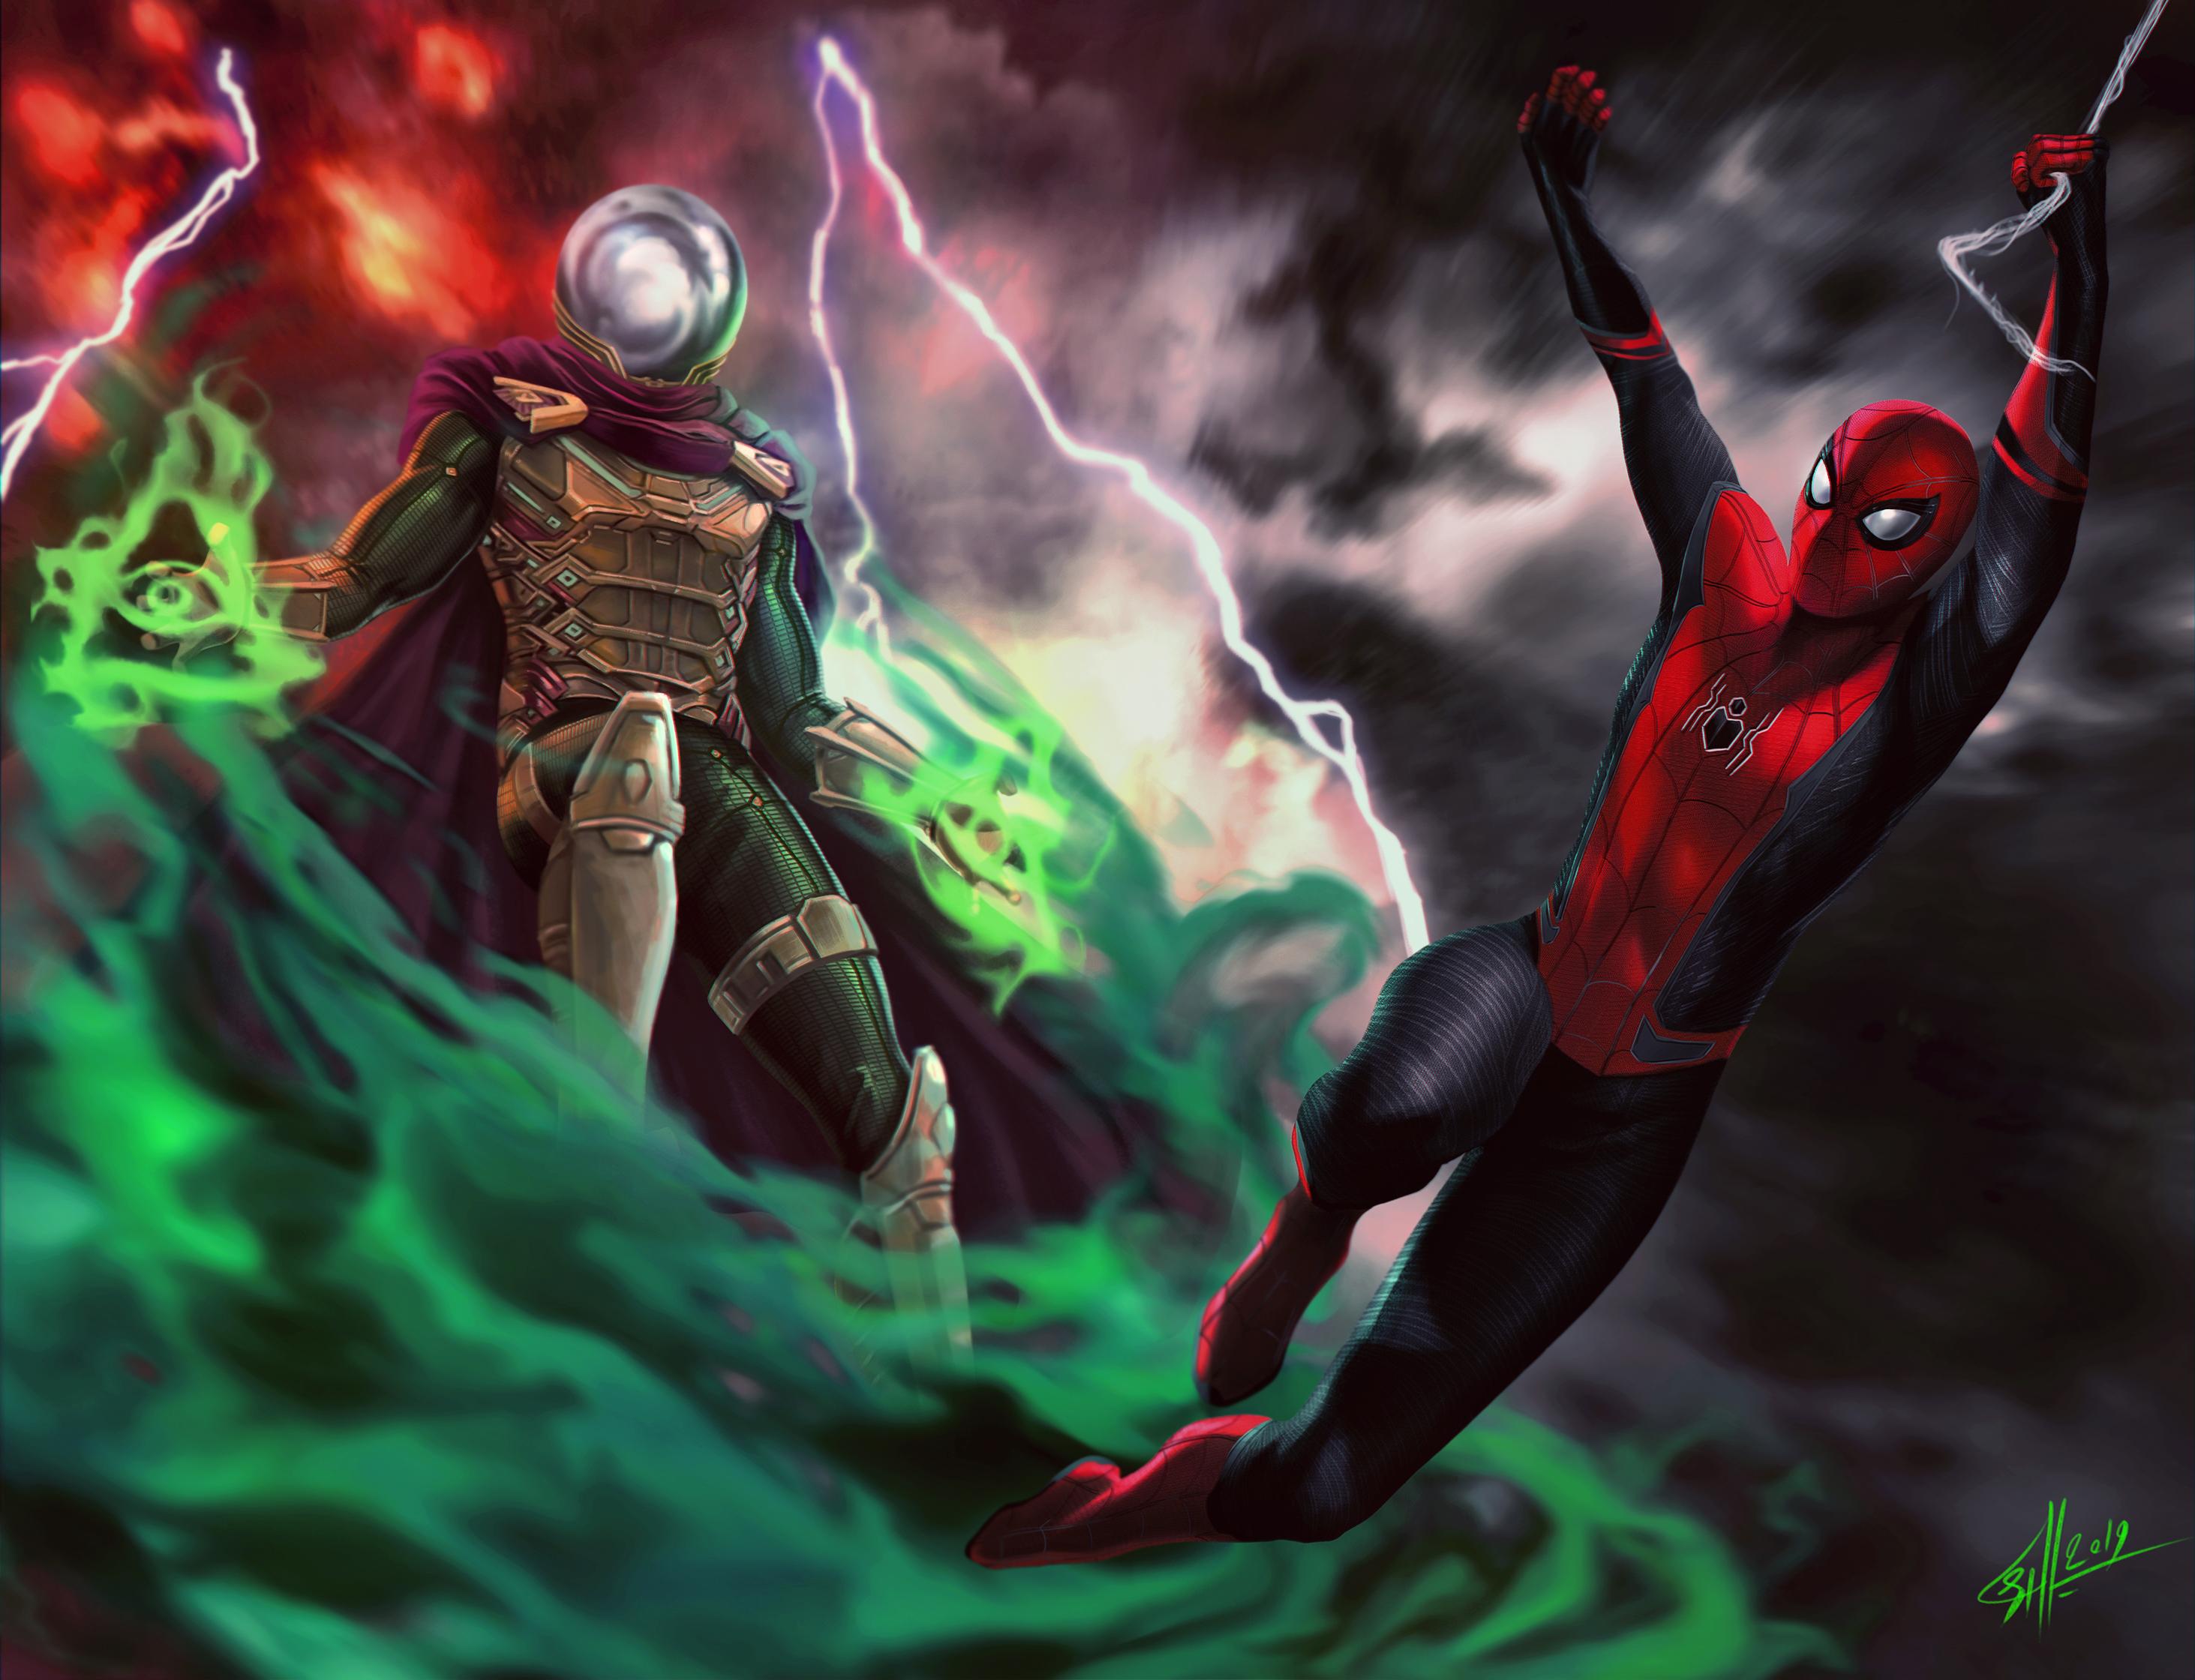 デスクトップ壁紙 Spider Man Far From Home トムホランド